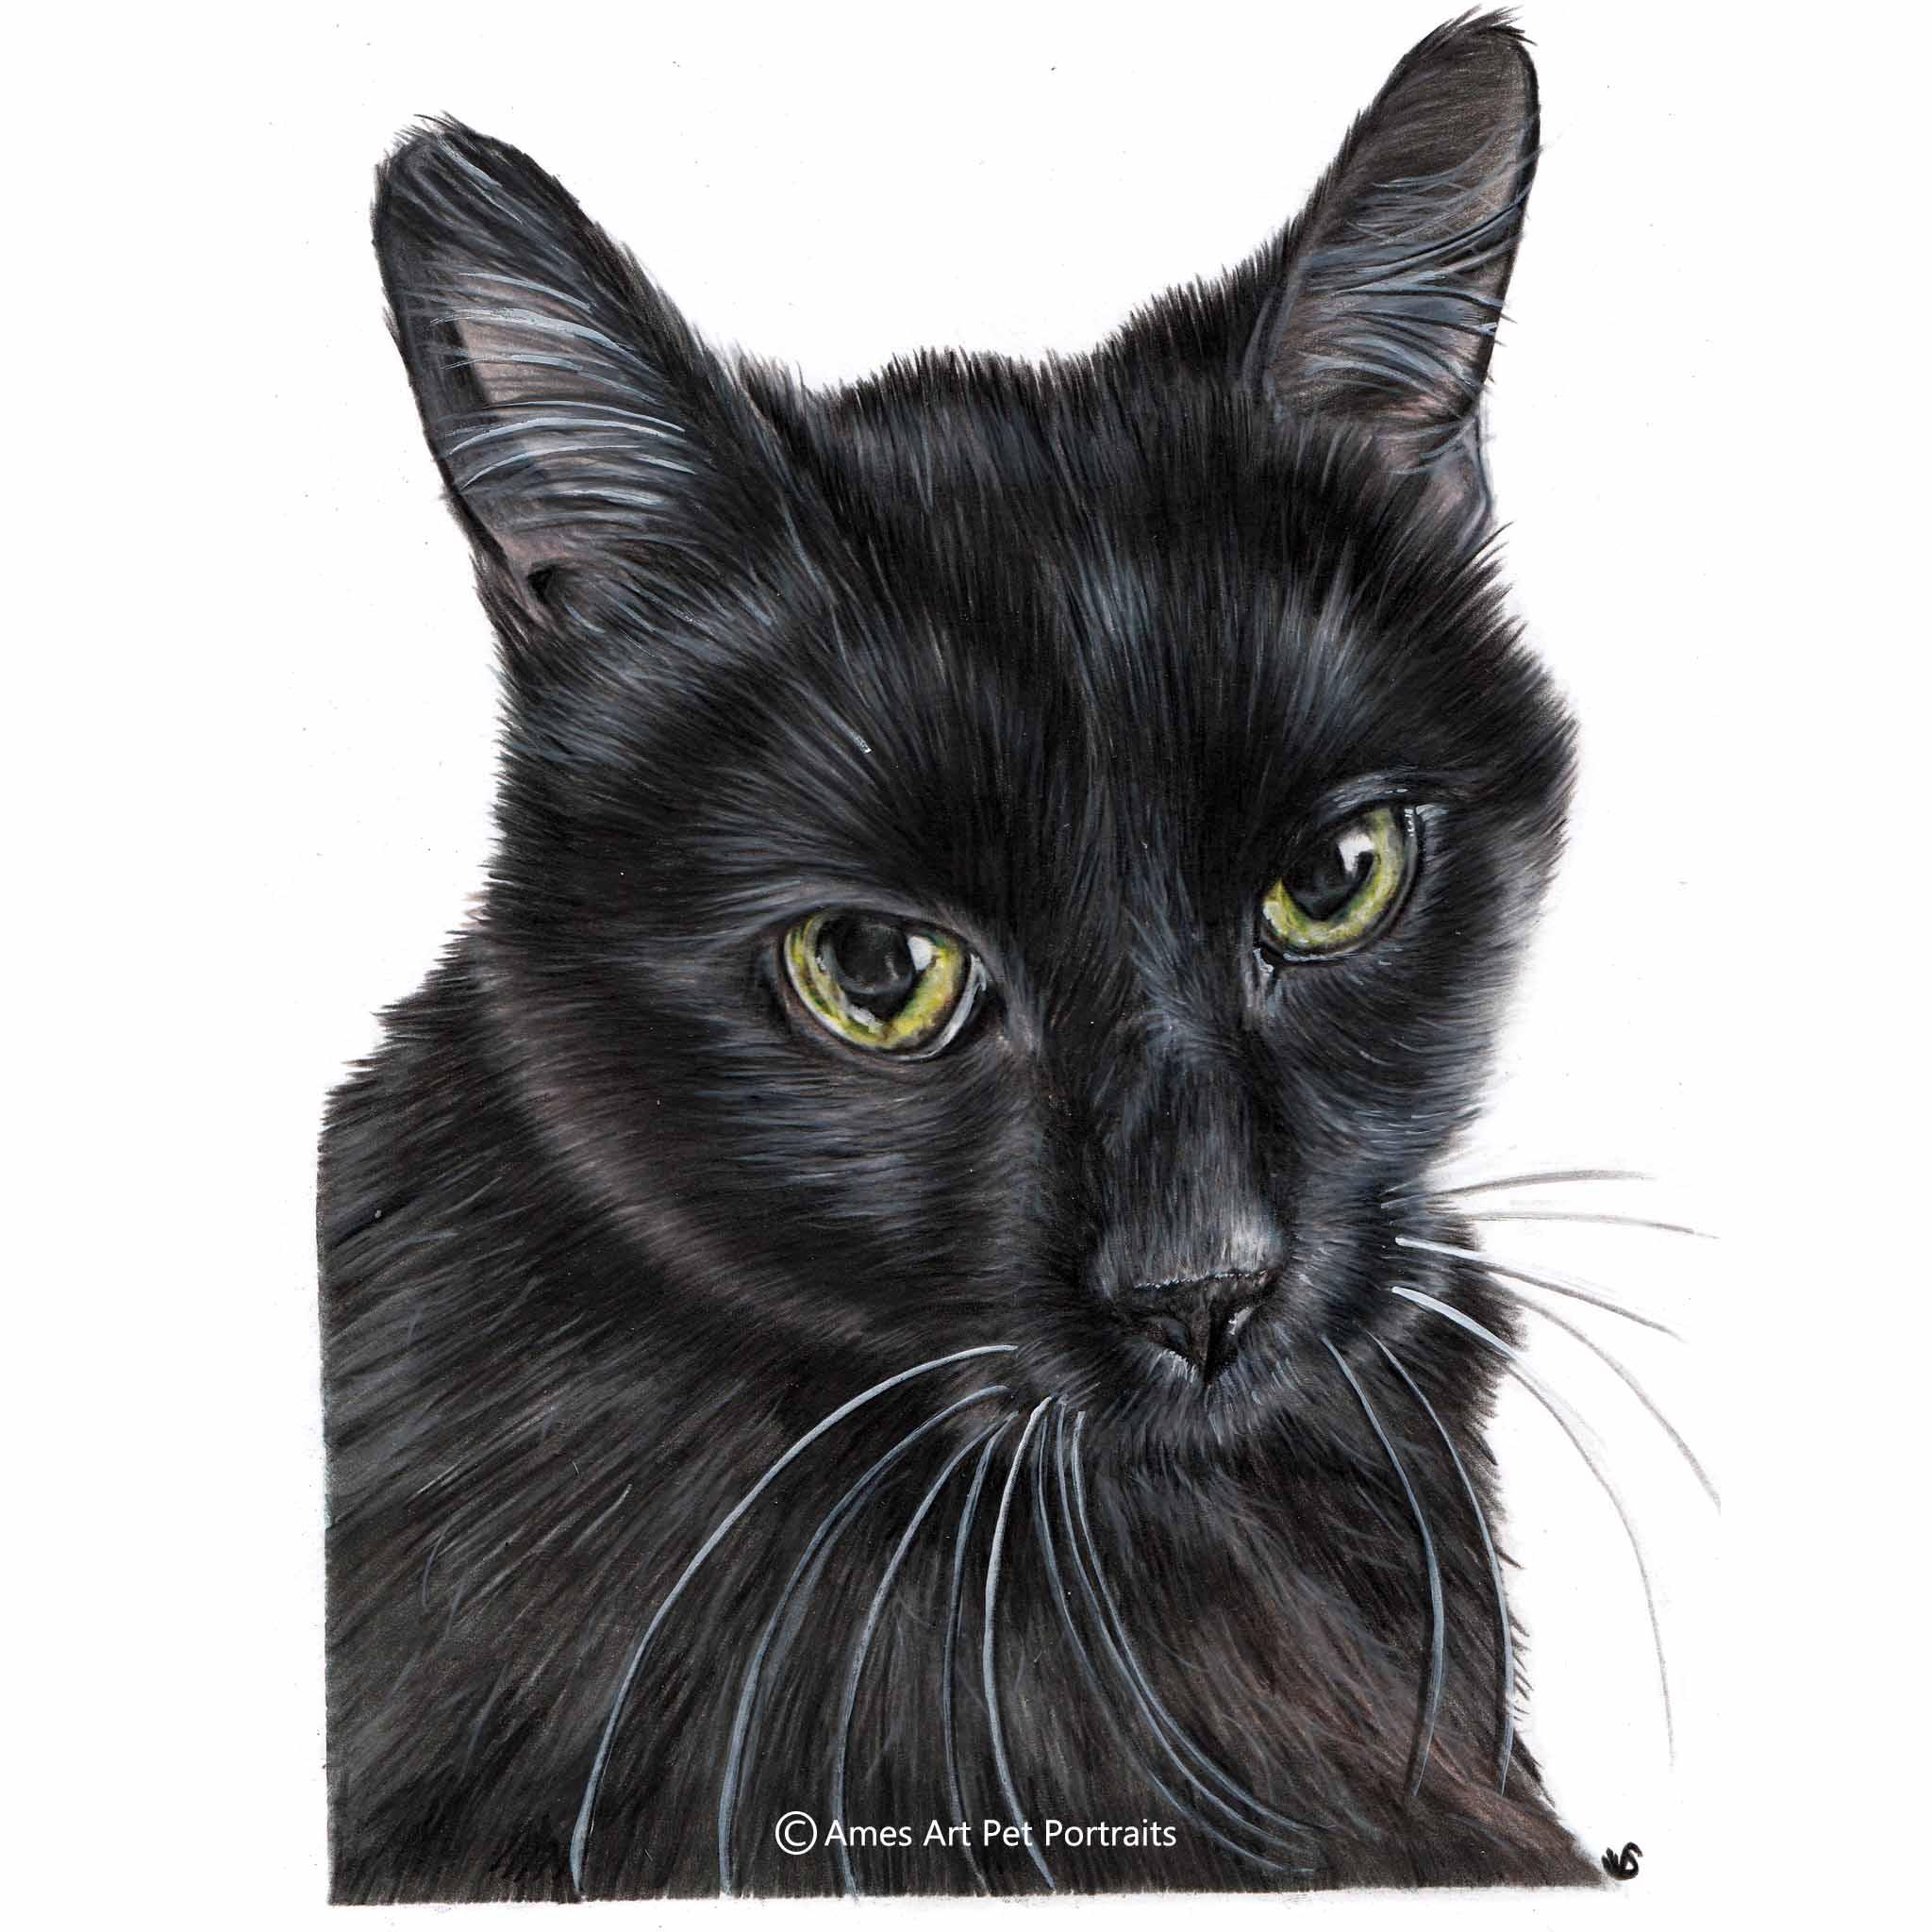 'Bella' - USA, 8.5 x 11.7 inches, 2017, Colour Pencil Cat Portrait by Sema Martin